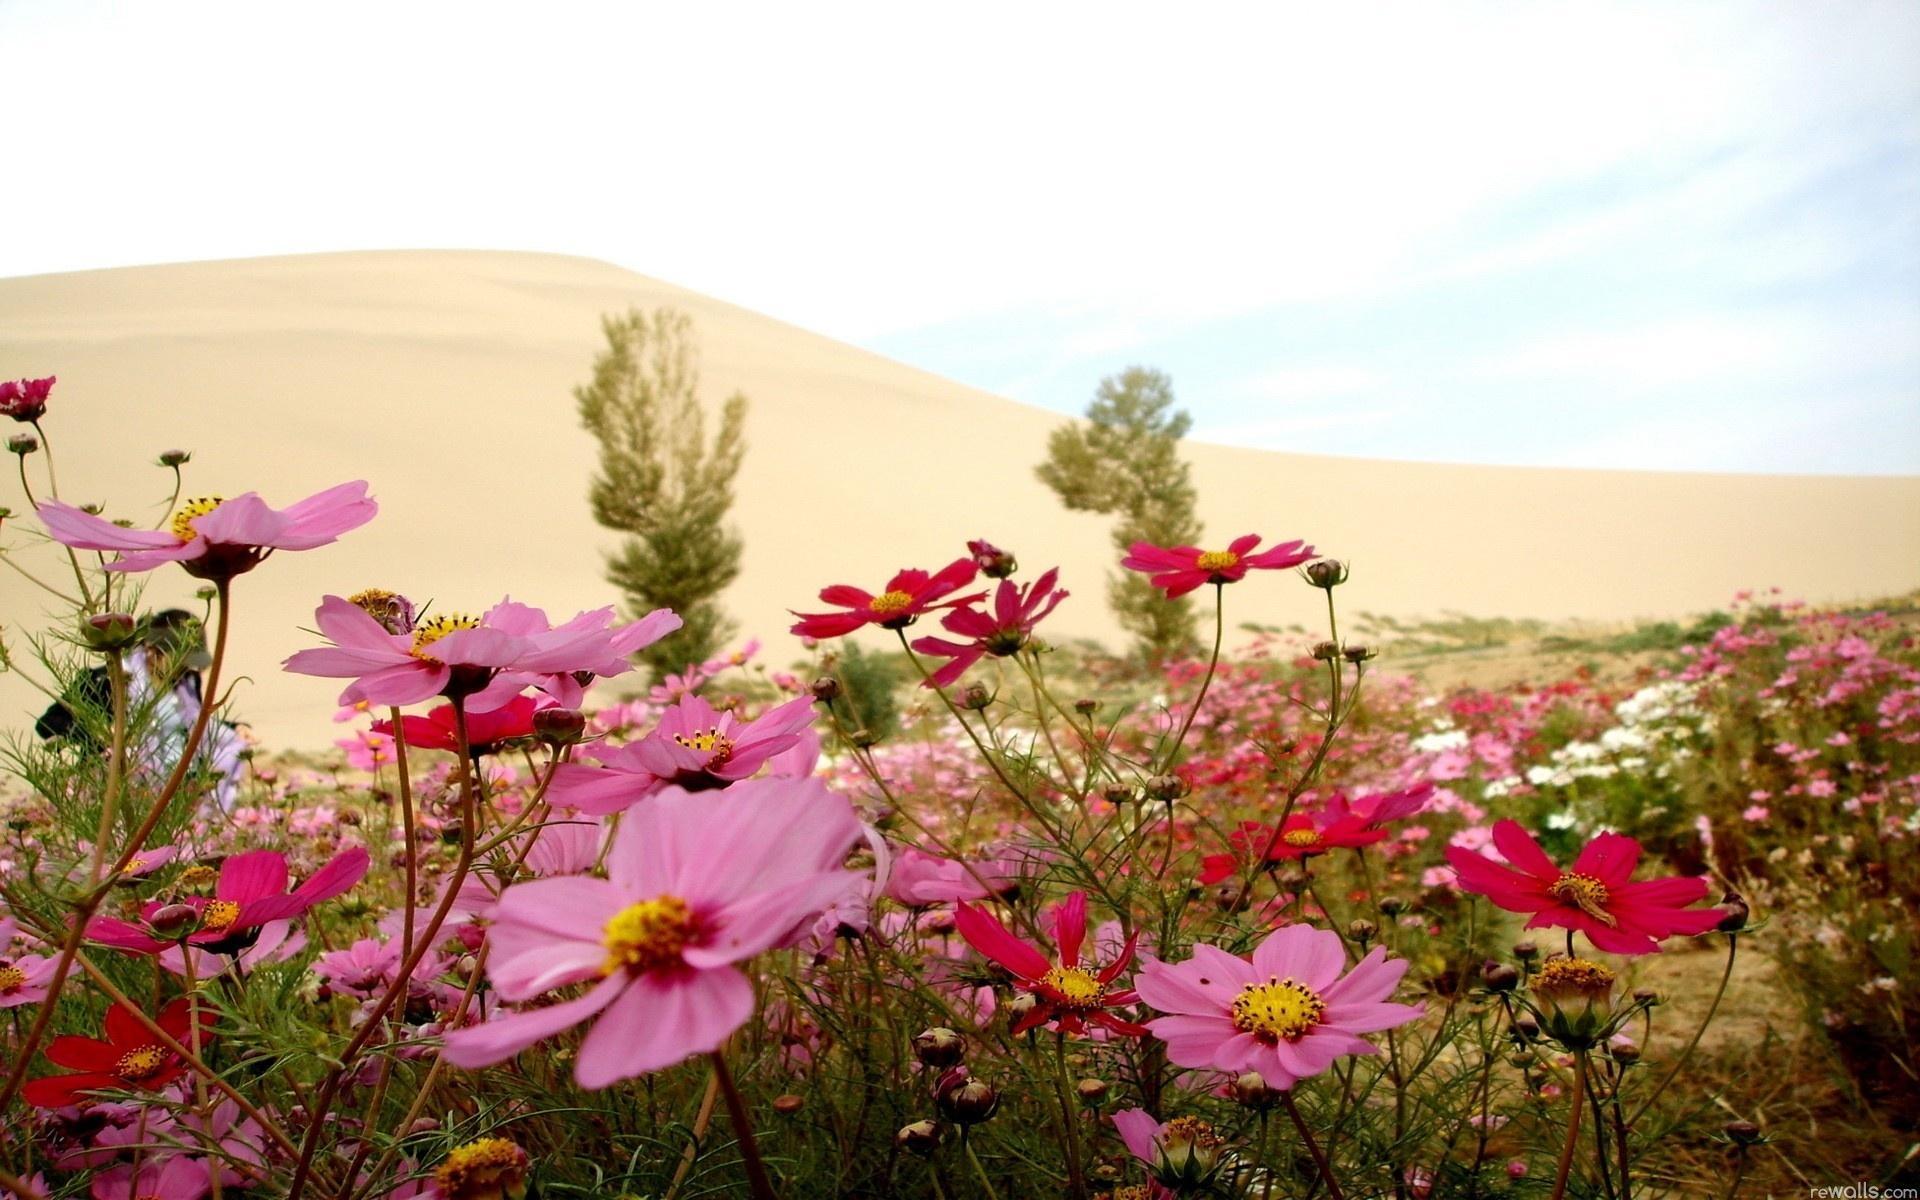 Цветы пустыня дюны песок цветы 1920x1200